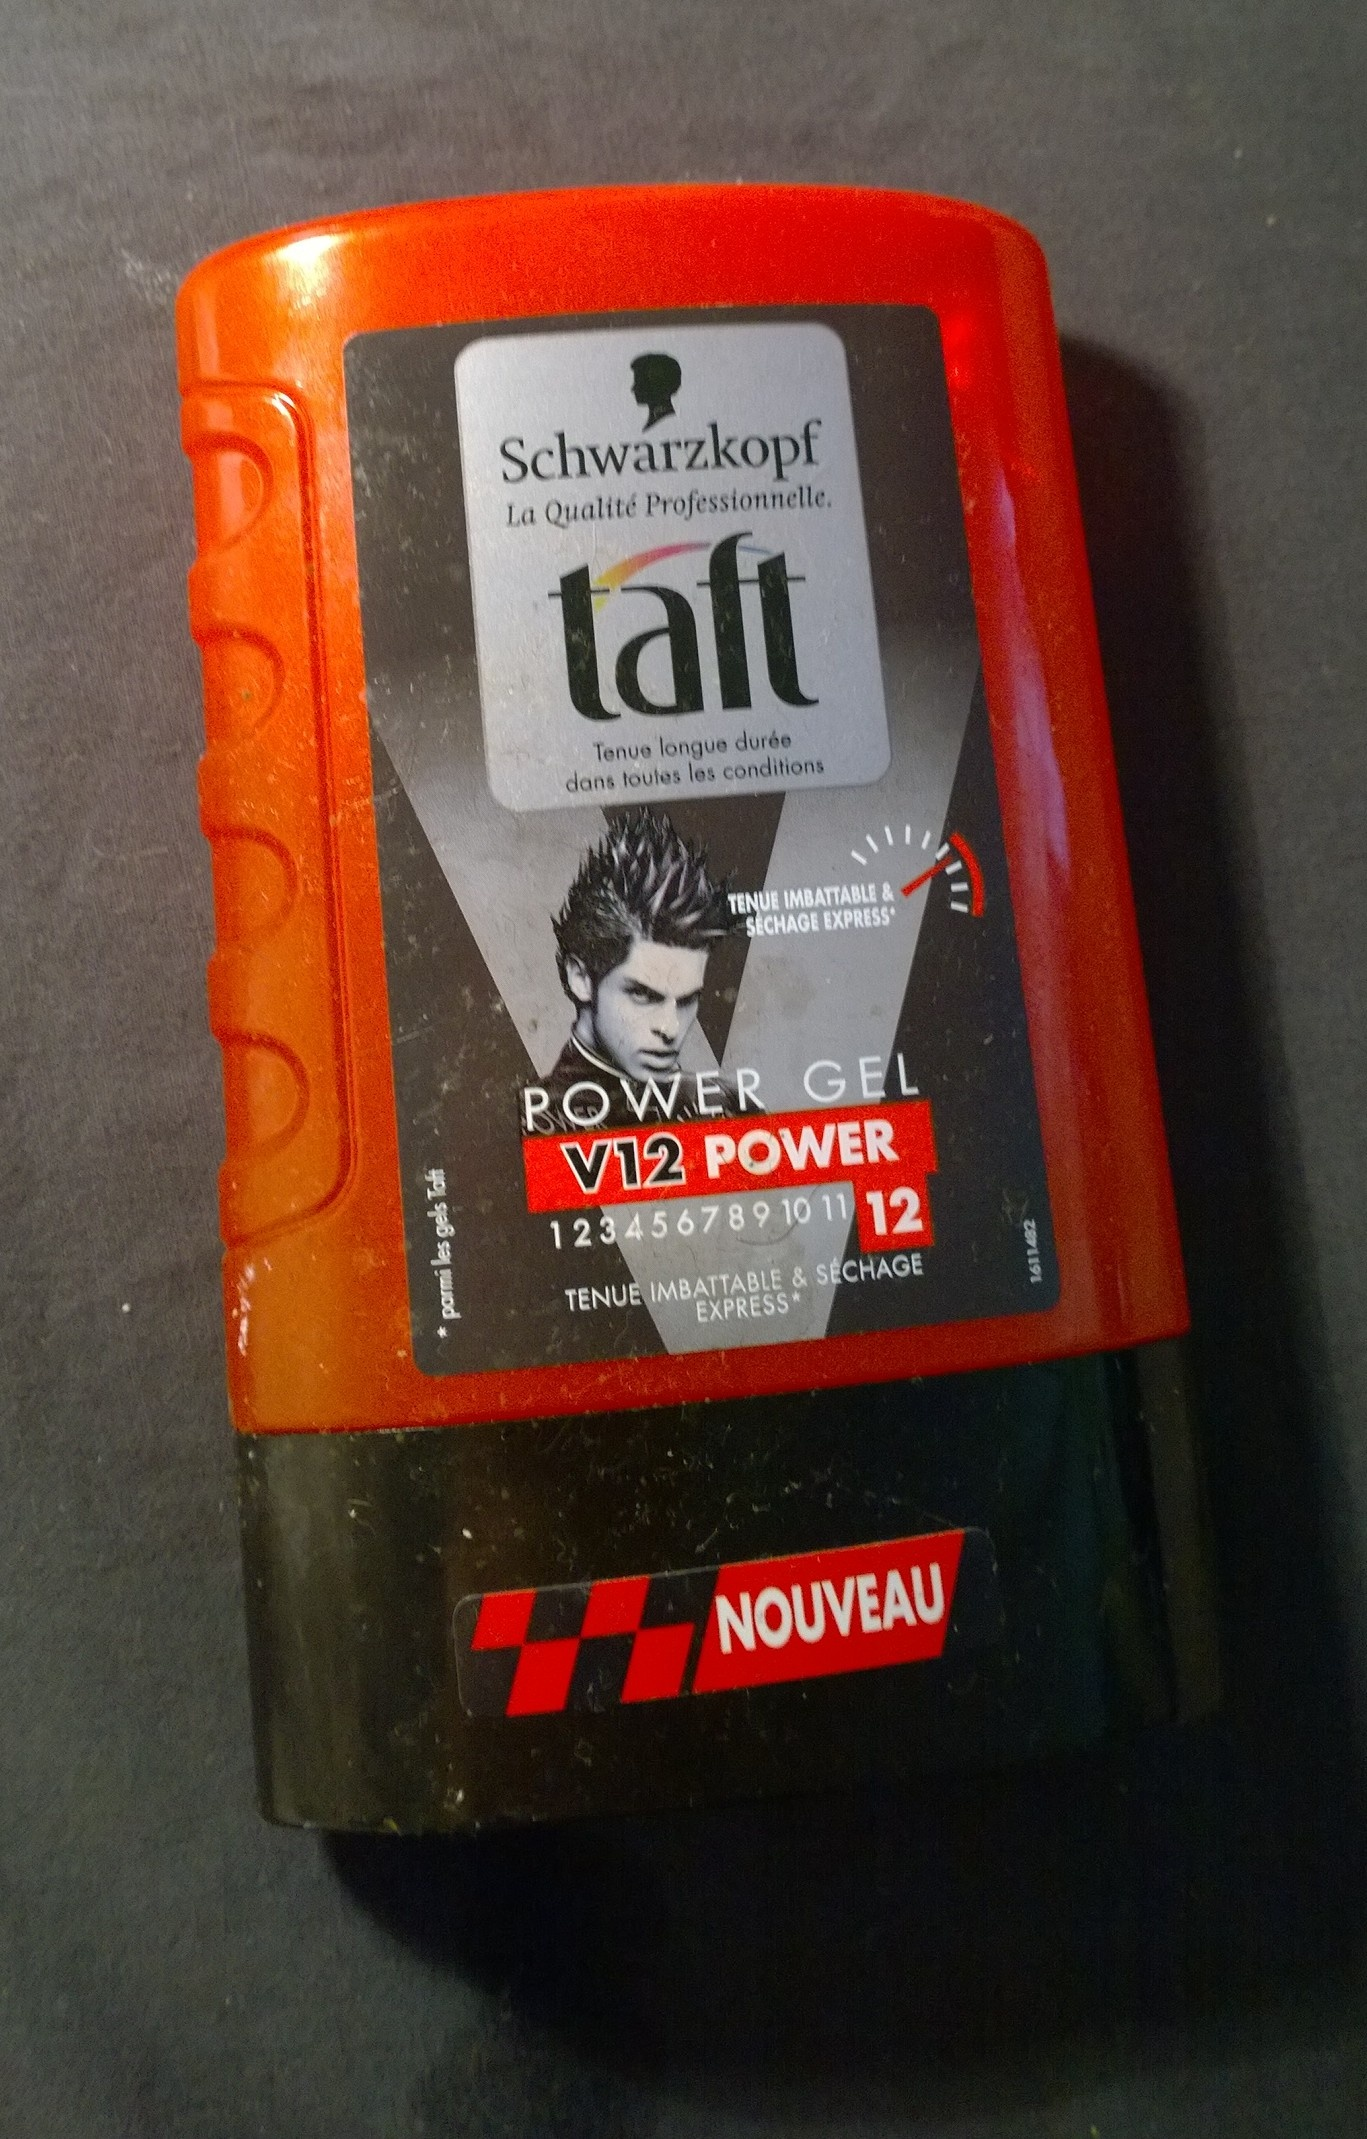 Maxx Power 8 - Taft de Schwarzkopf